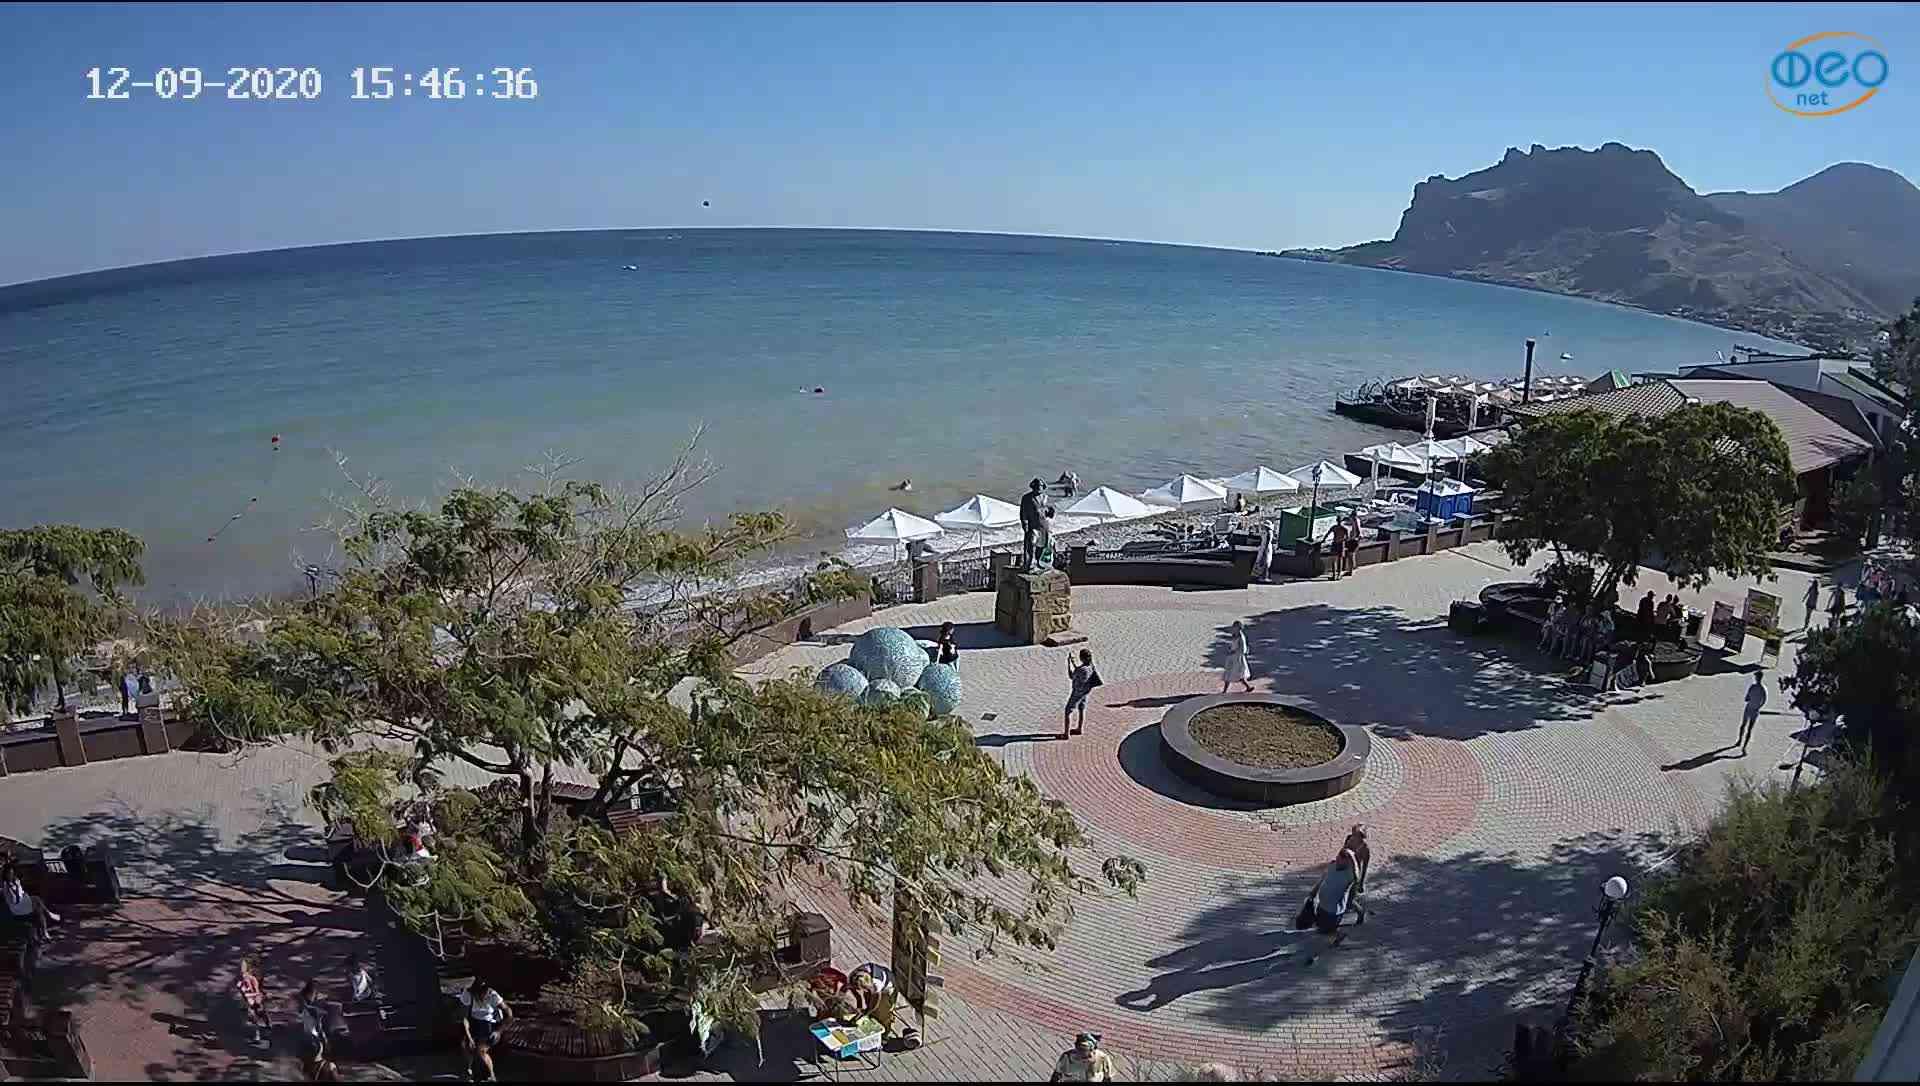 Веб-камеры Феодосии, Набережная Коктебель перед домом Волошина, 2020-09-12 15:46:53